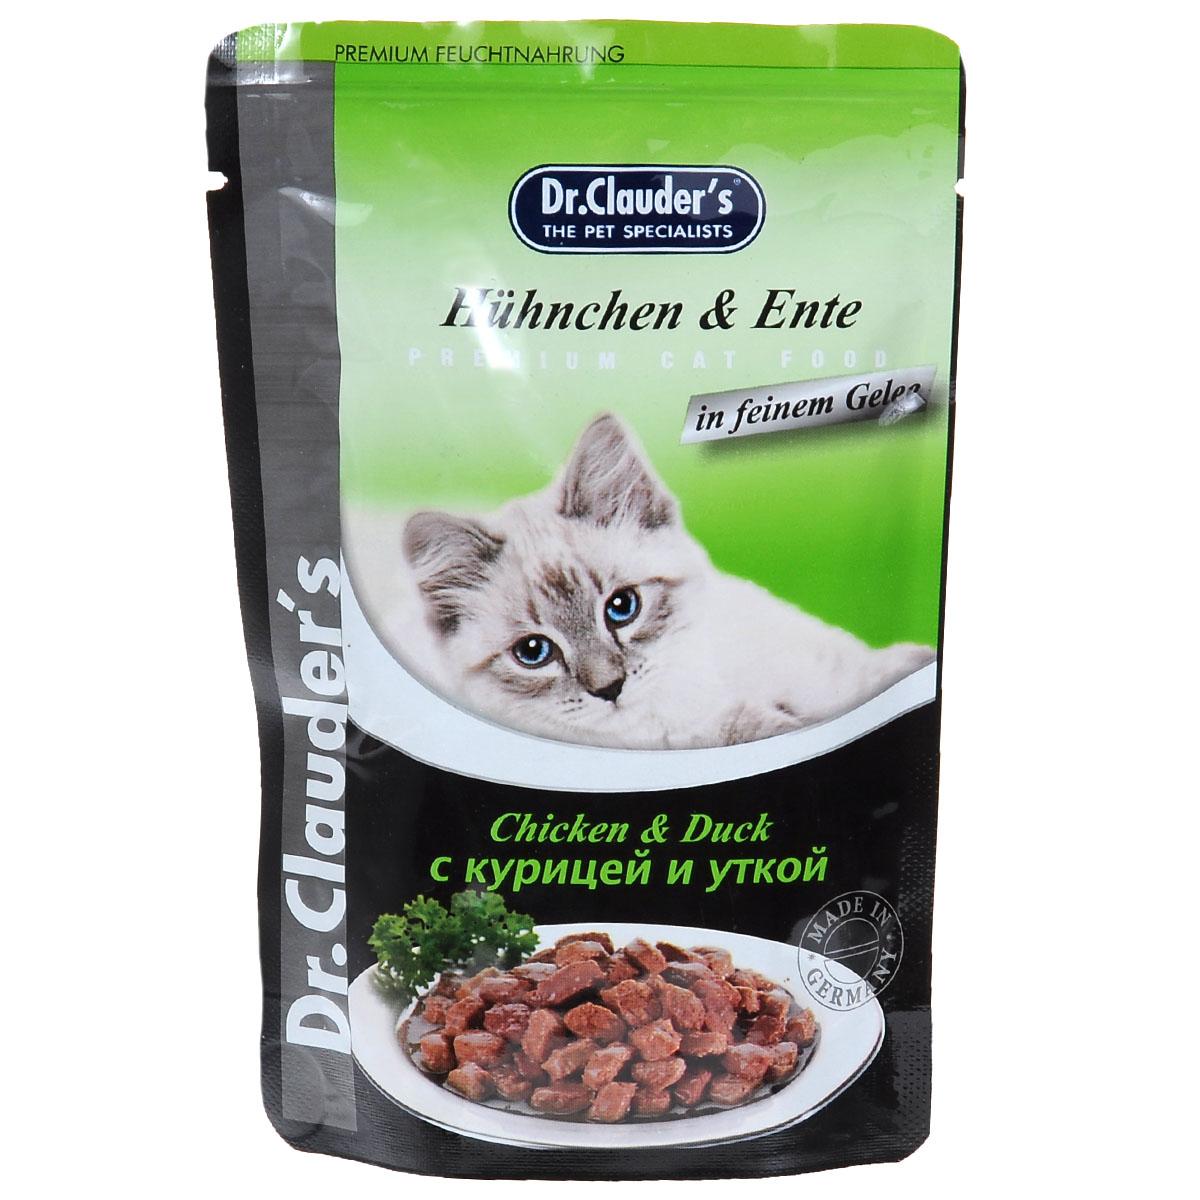 """Dr.Clauder's Консервы для кошек """"Dr. Clauder's"""", мясные кусочки в соусе с курицей и уткой, 100 г 14153"""